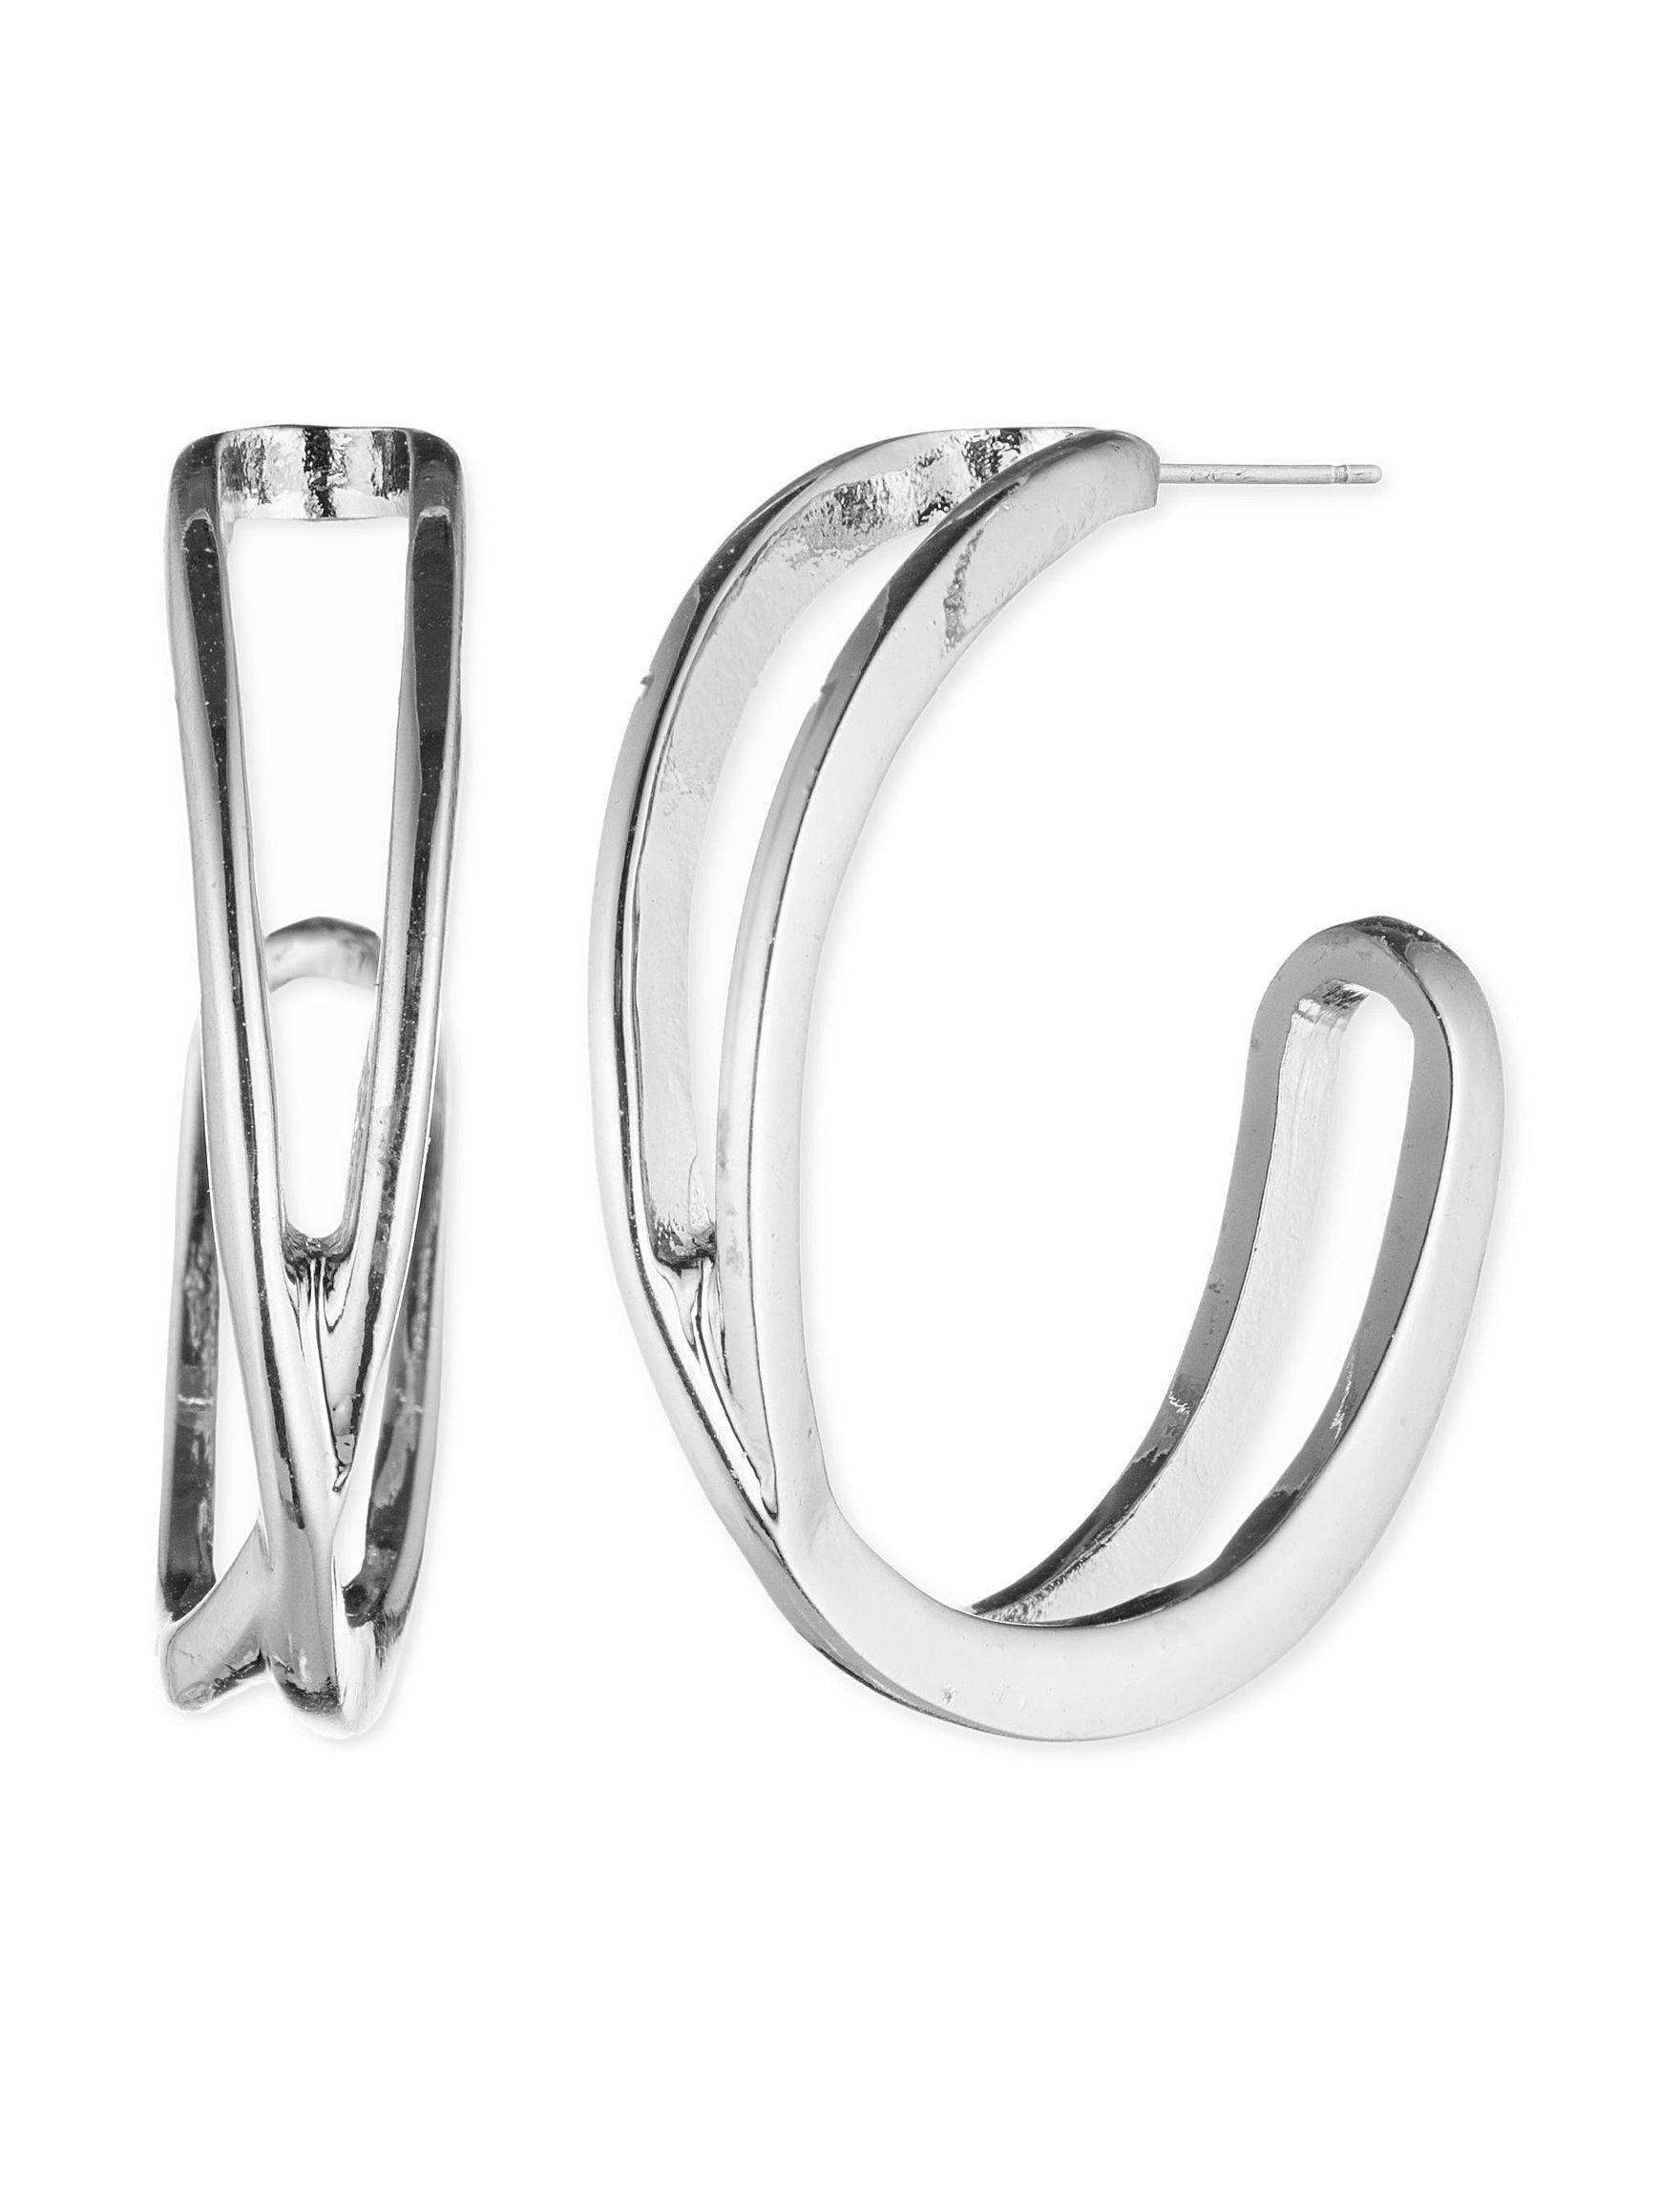 Nine West Silver Hoops Earrings Fashion Jewelry